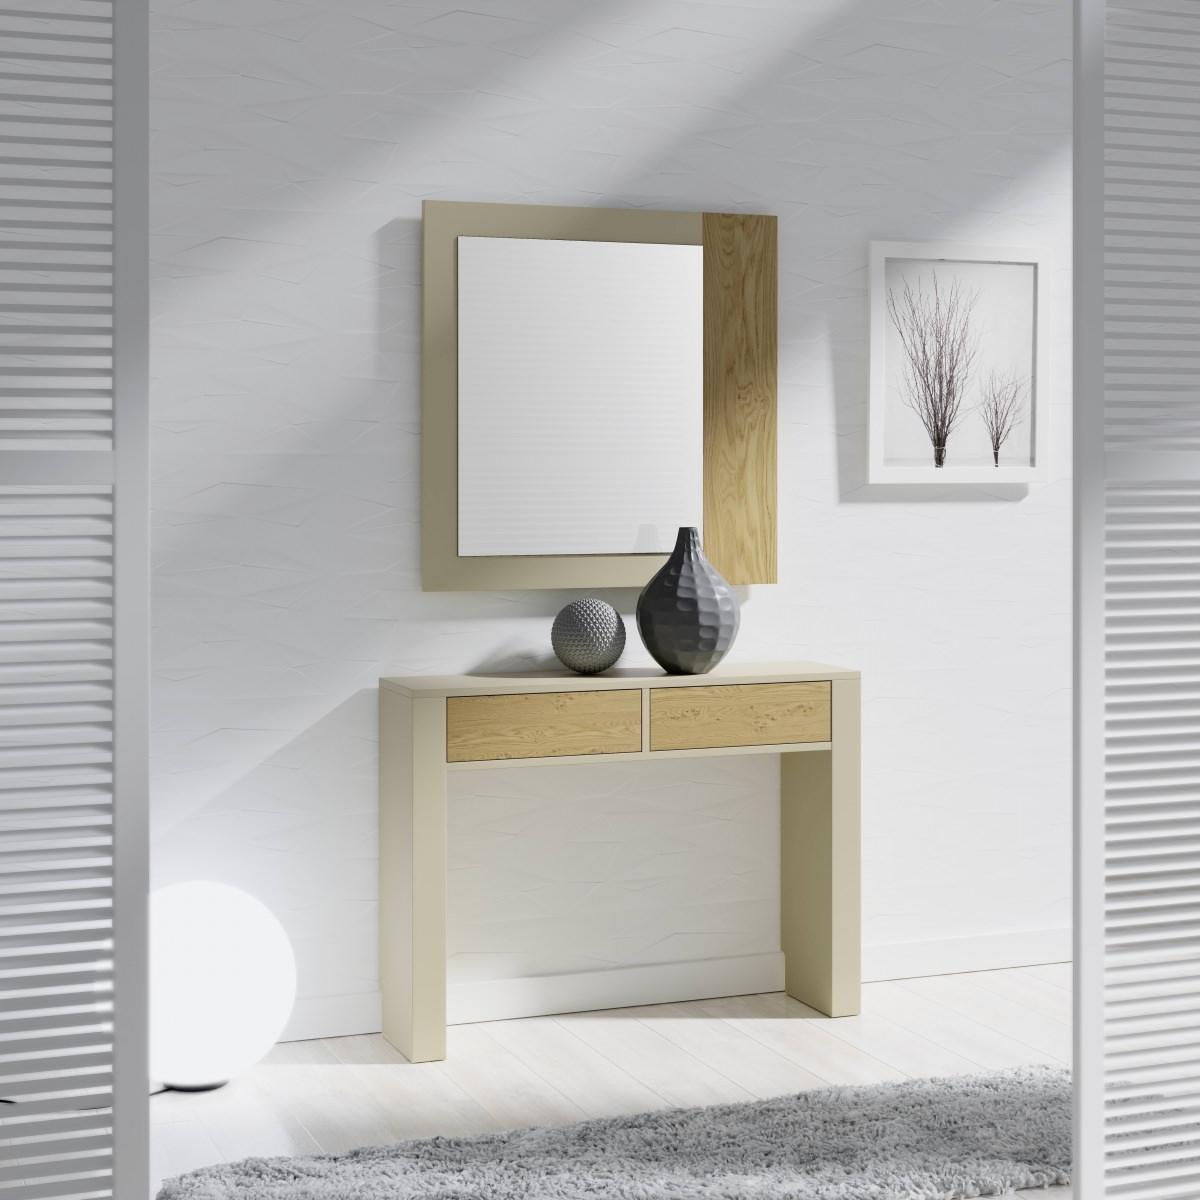 Зеркало NORA 3043.7 Capuccino/Nordico Disemobel